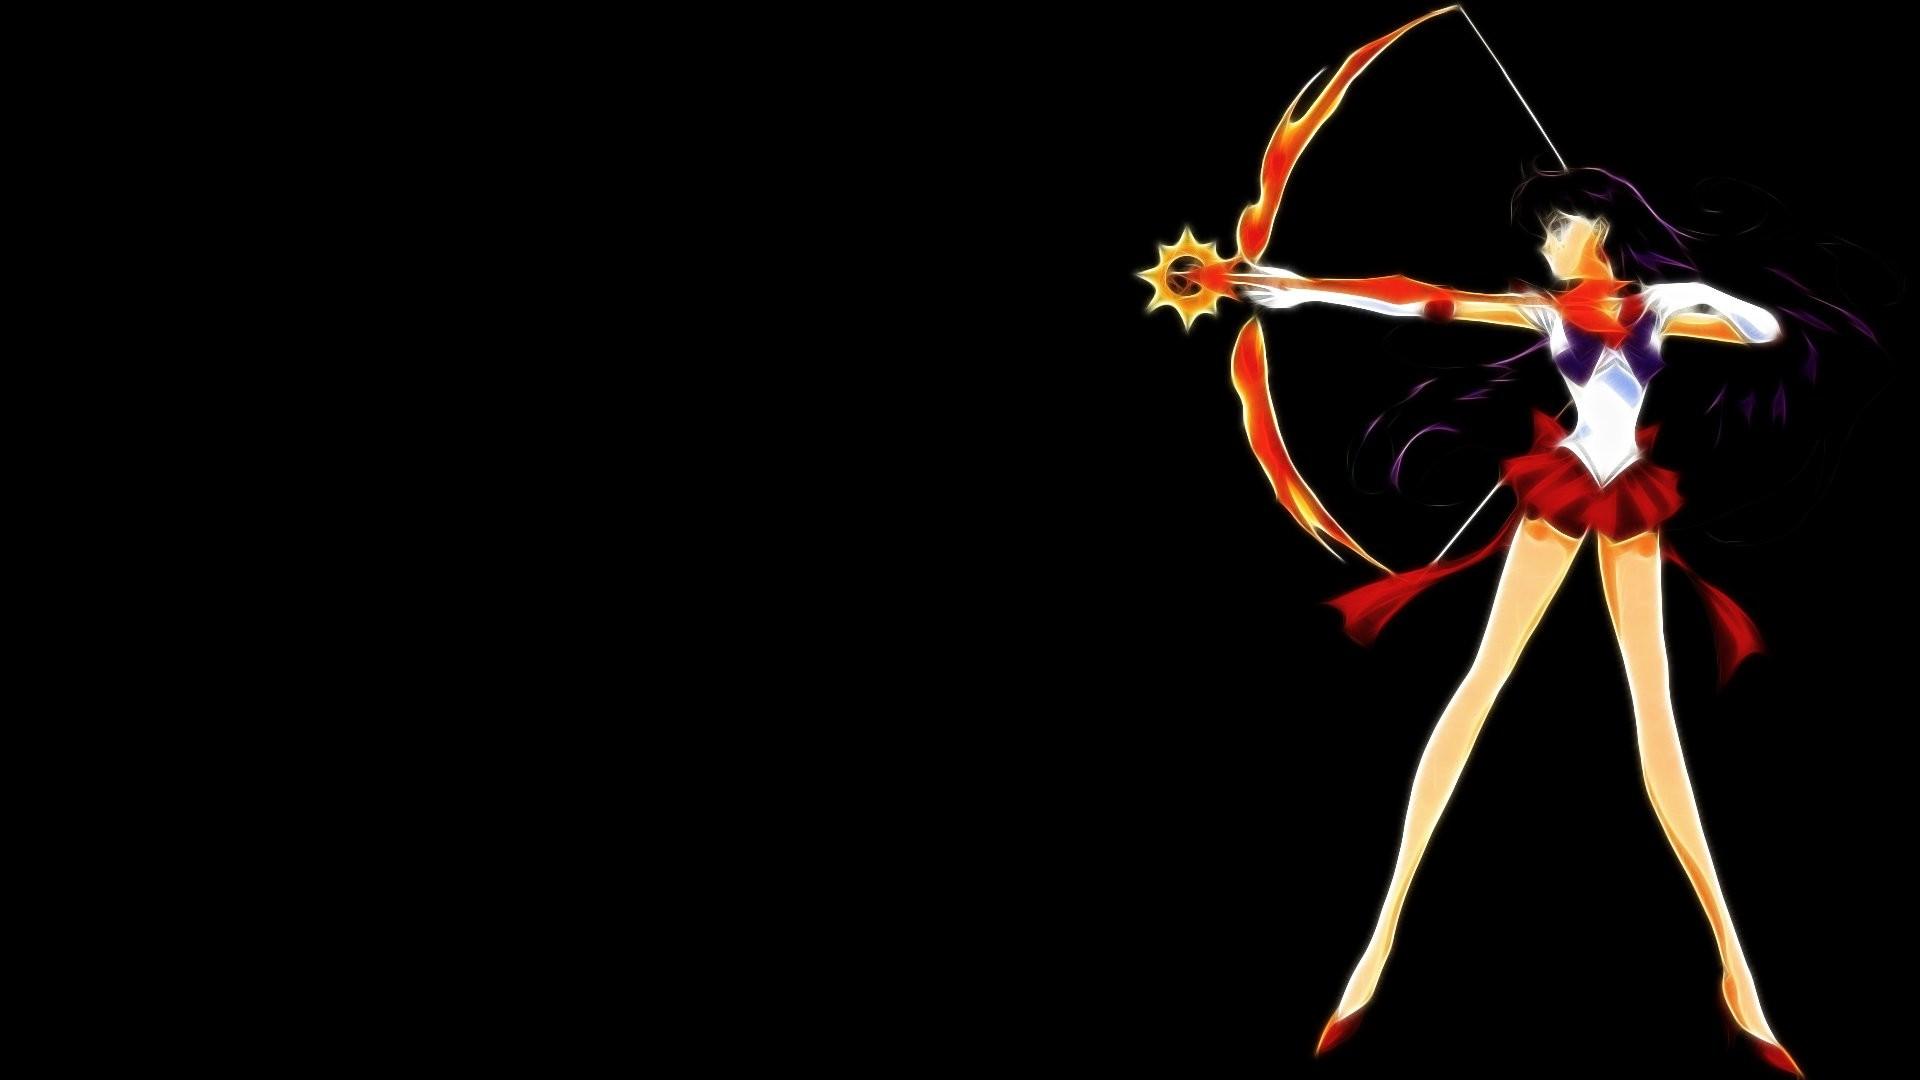 Anime – Sailor Moon Wallpaper